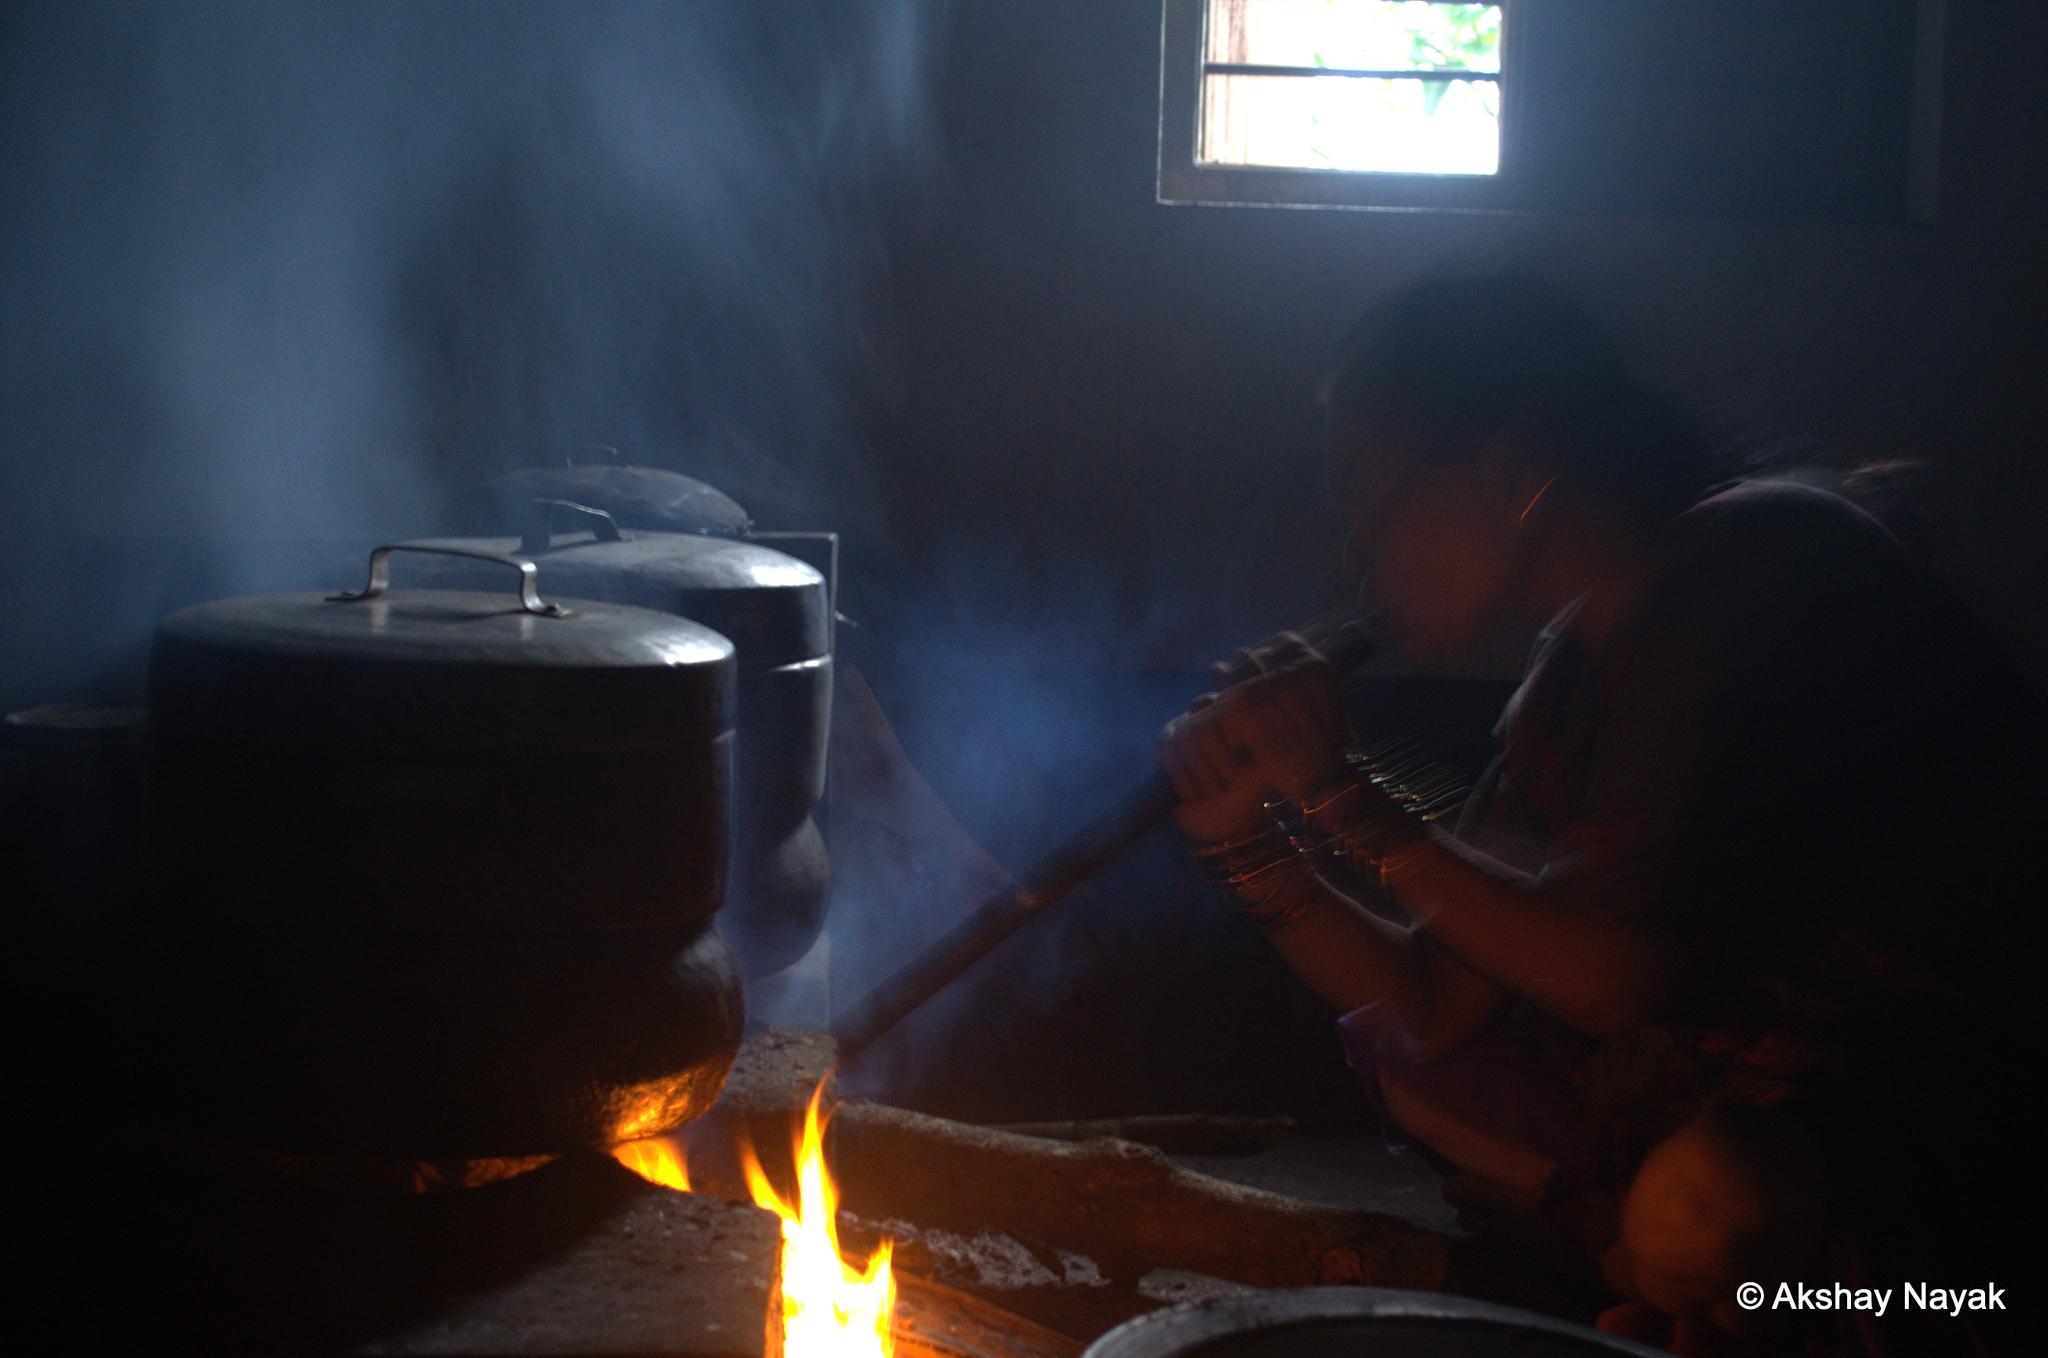 Cooking Food by Akshay Nayak